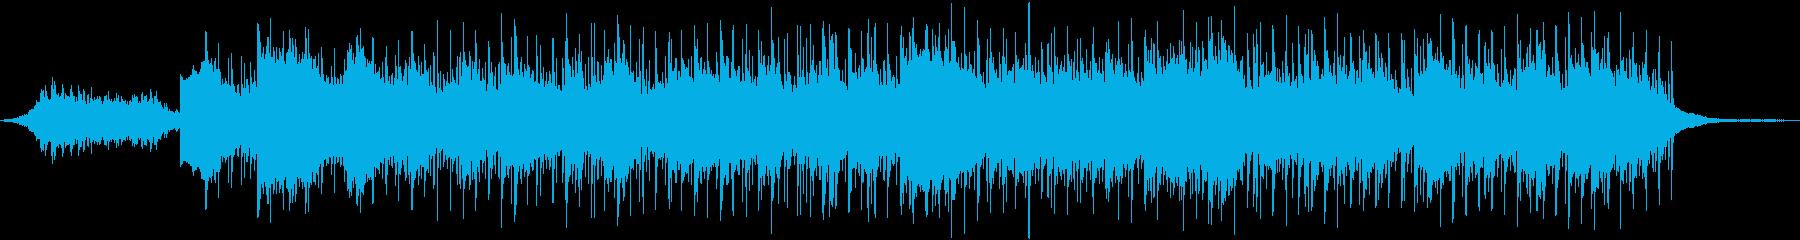 動画 アクション 技術的な クール...の再生済みの波形